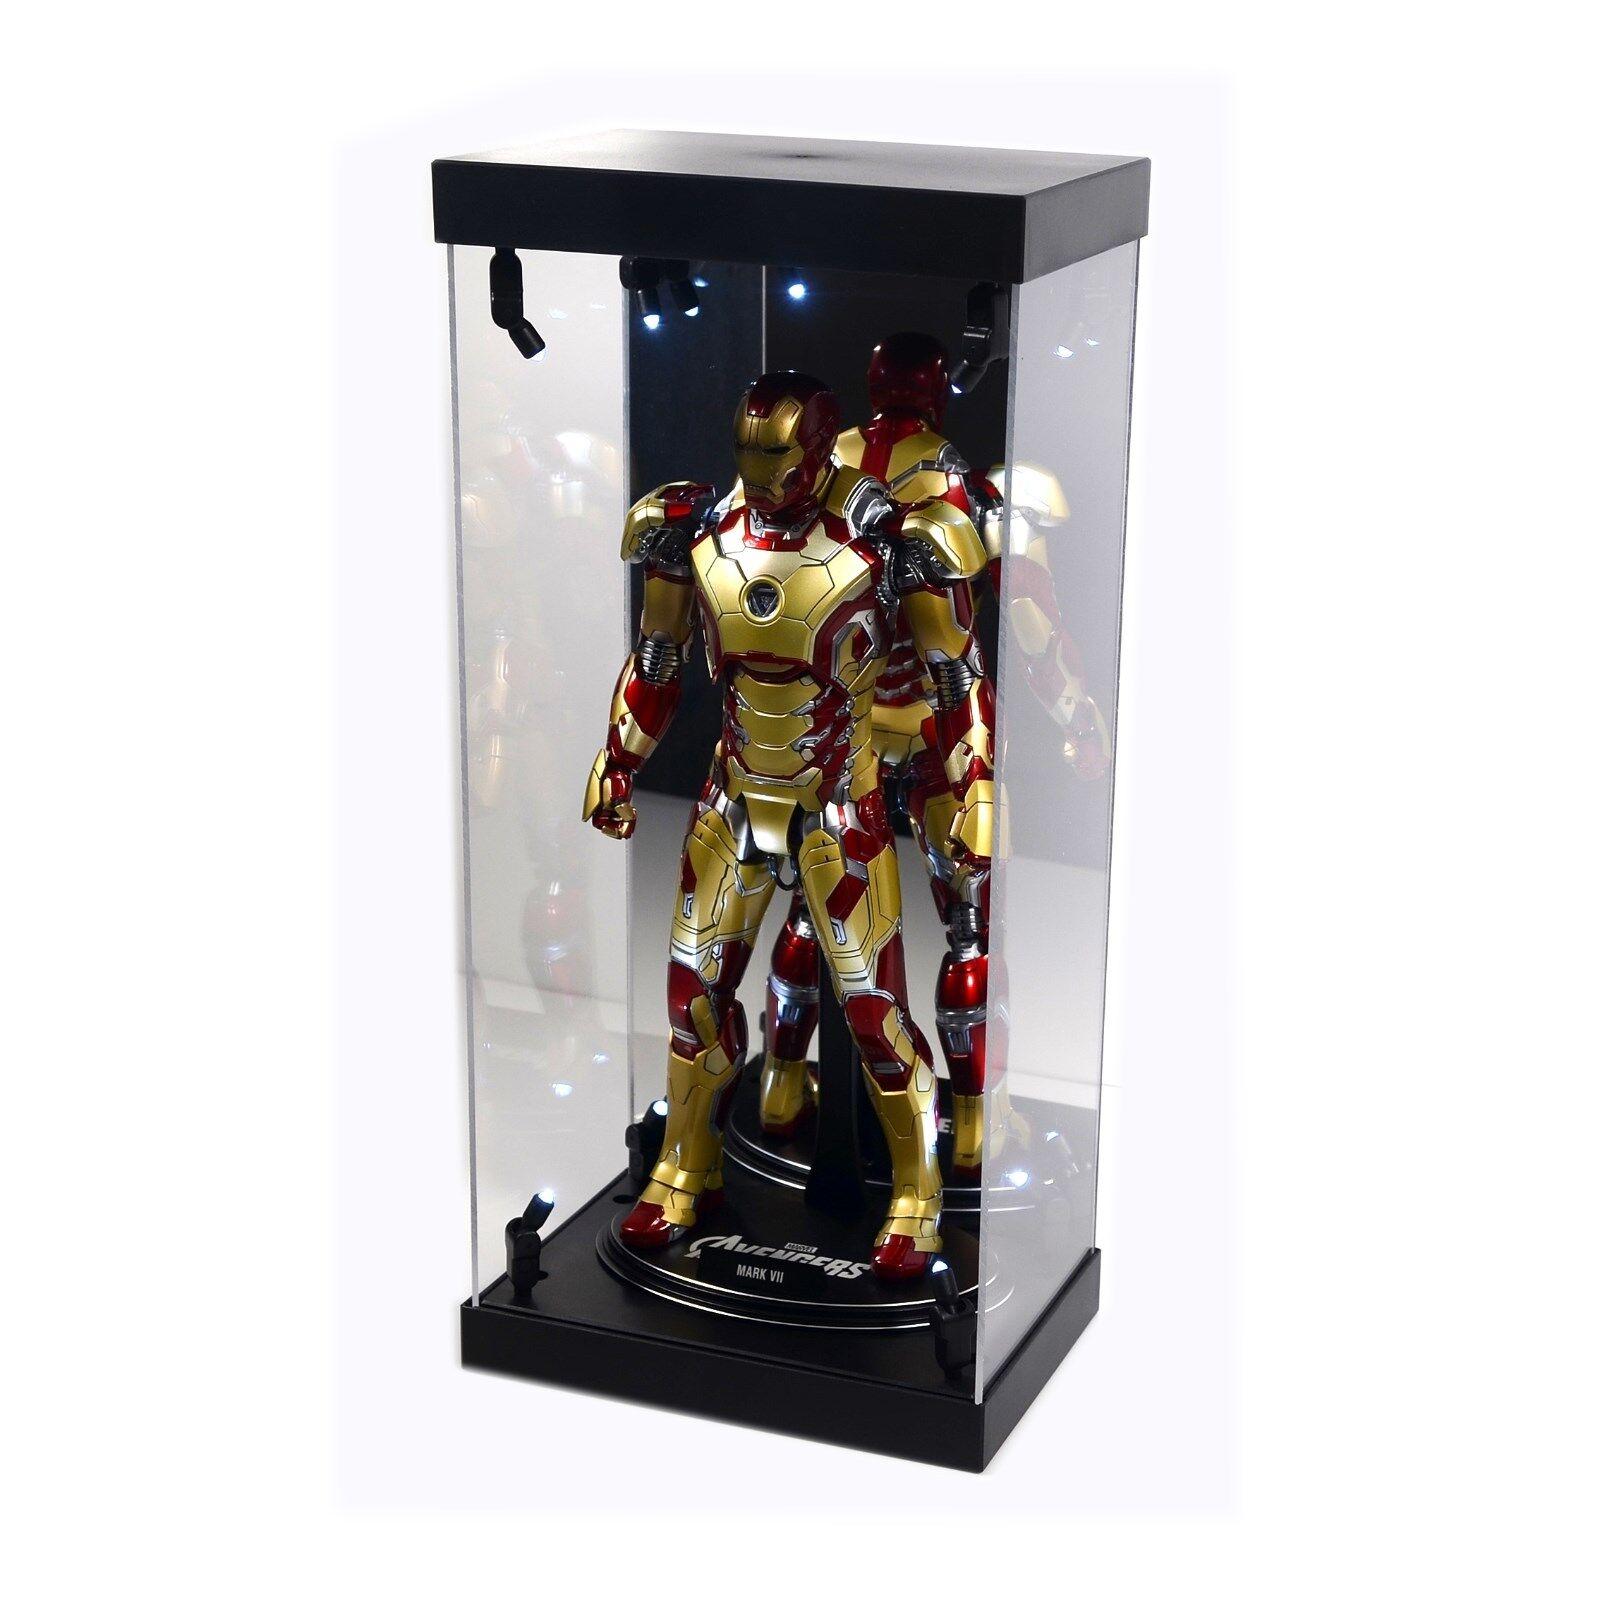 MB Display Box Acrylique  Case DEL lumière House pour 12  échelle 1 6 Iron Man 3 figure  jusqu'à 34% de réduction sur tous les produits